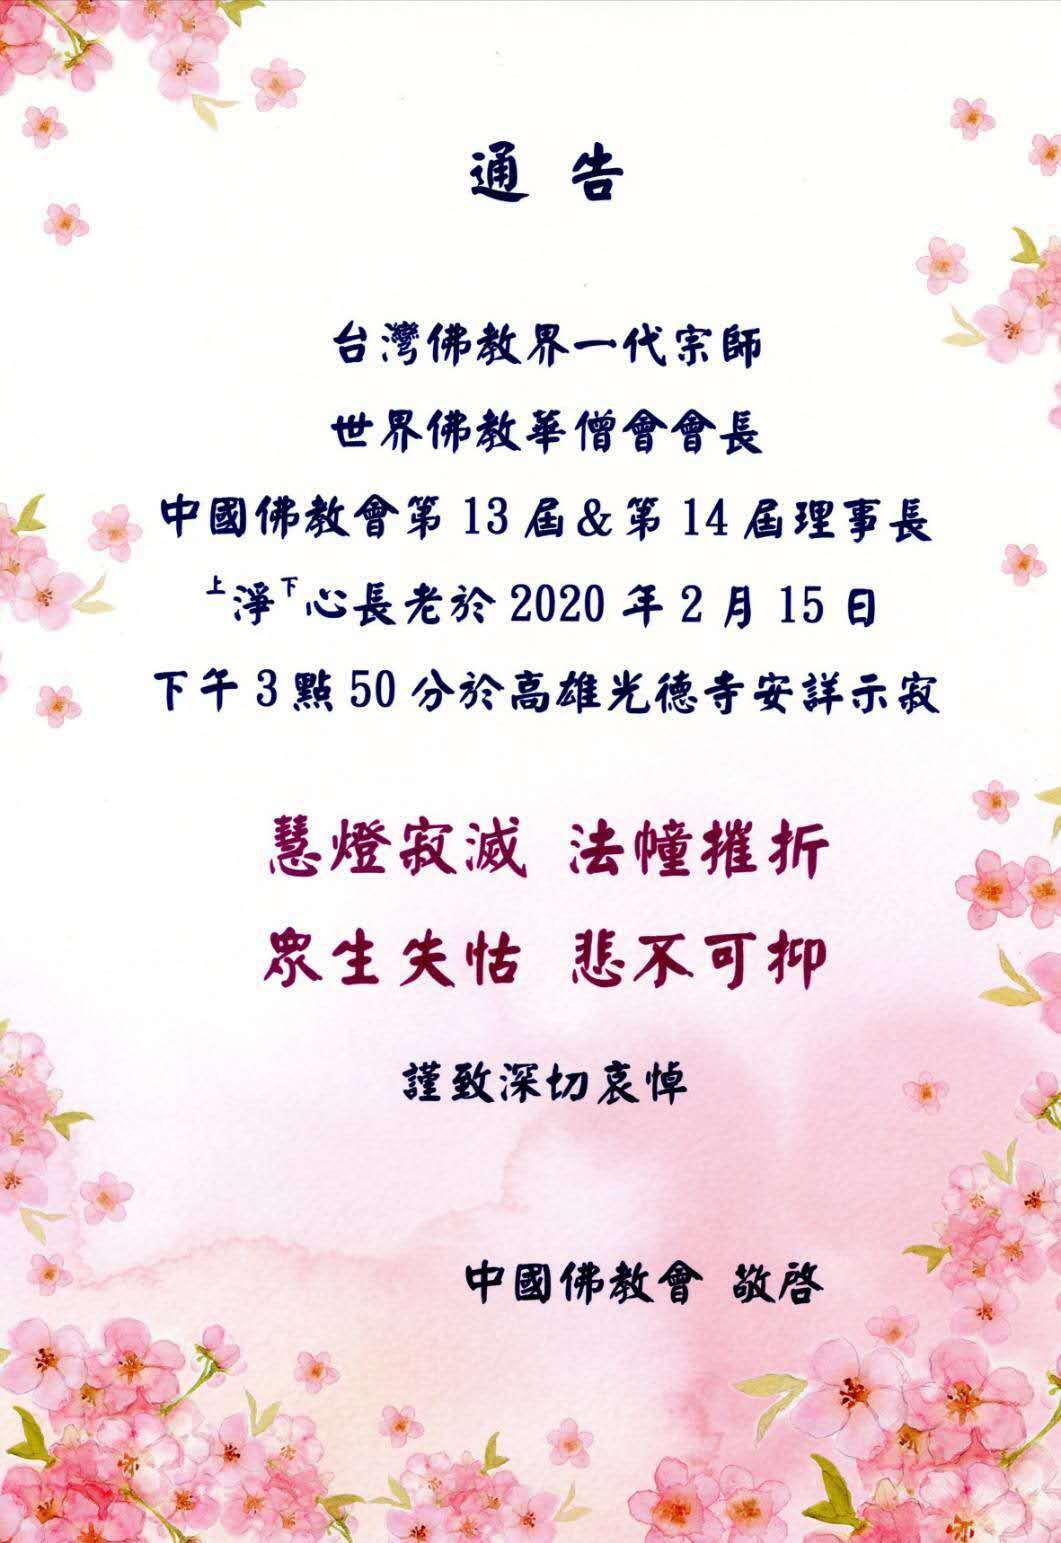 台湾佛教界一代宗师净心长老圆寂